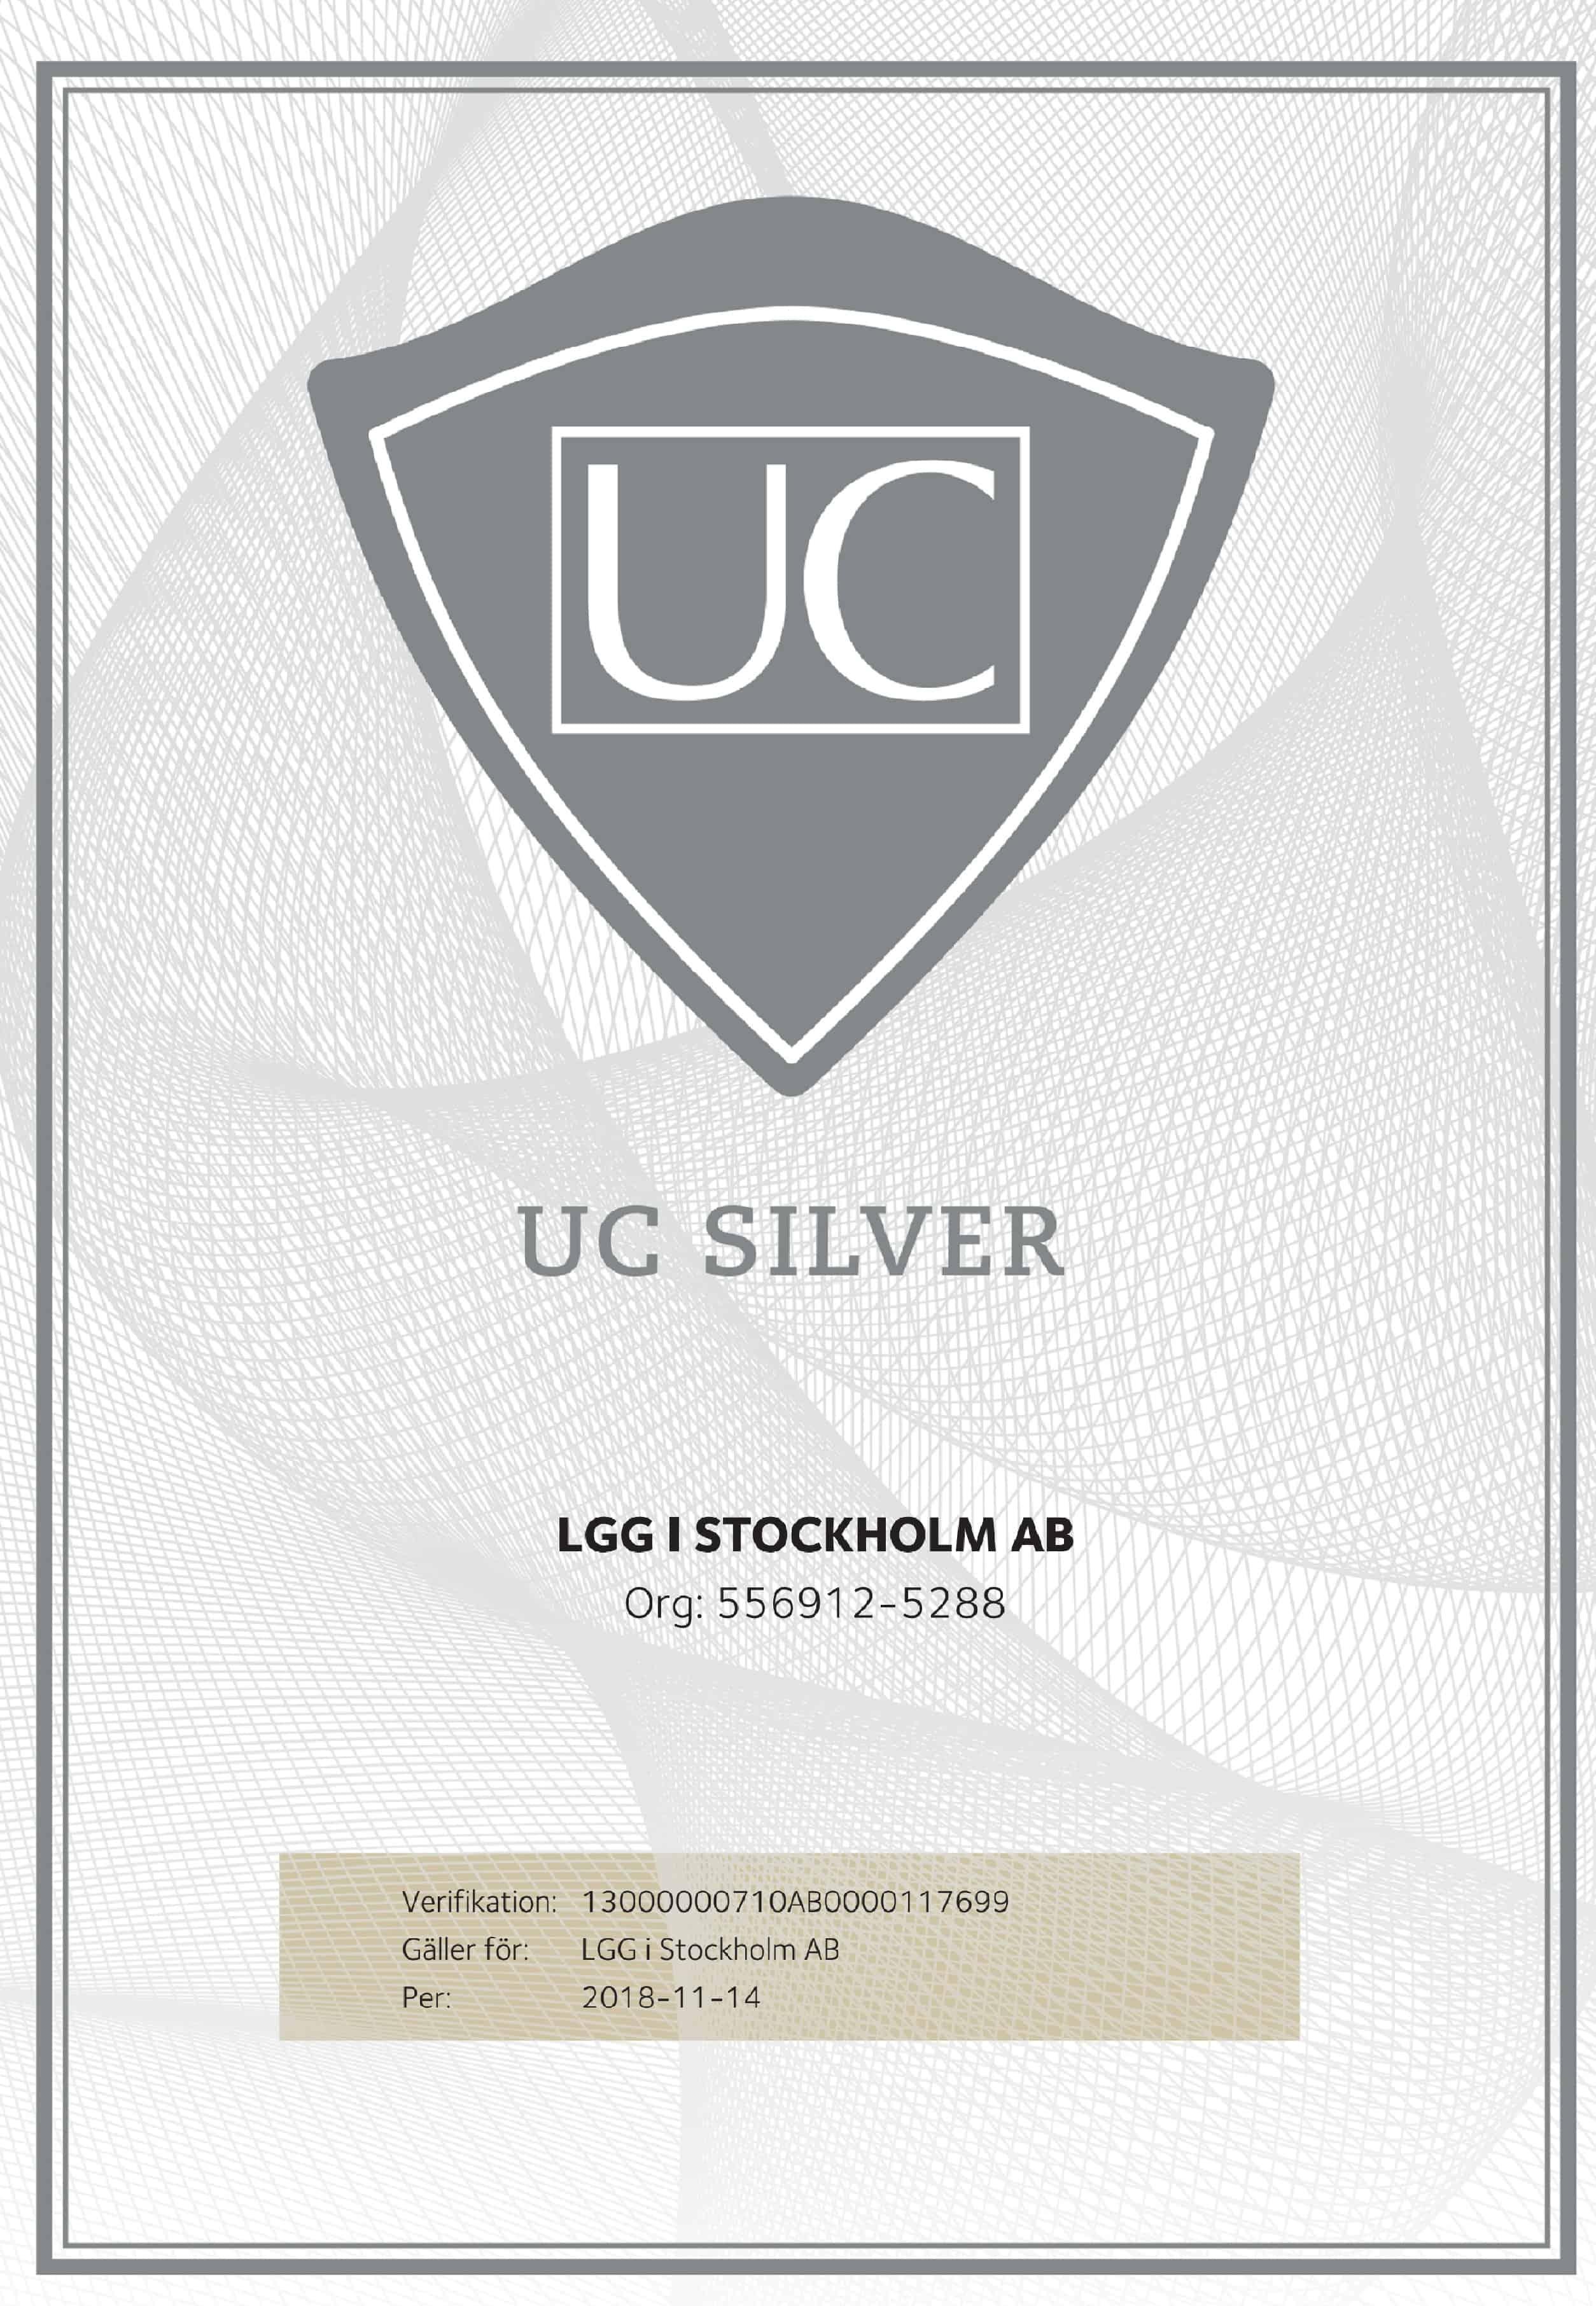 """Referensjobb """"UC - Kreditvärdighet"""" utfört av LGG i Stockholm AB"""